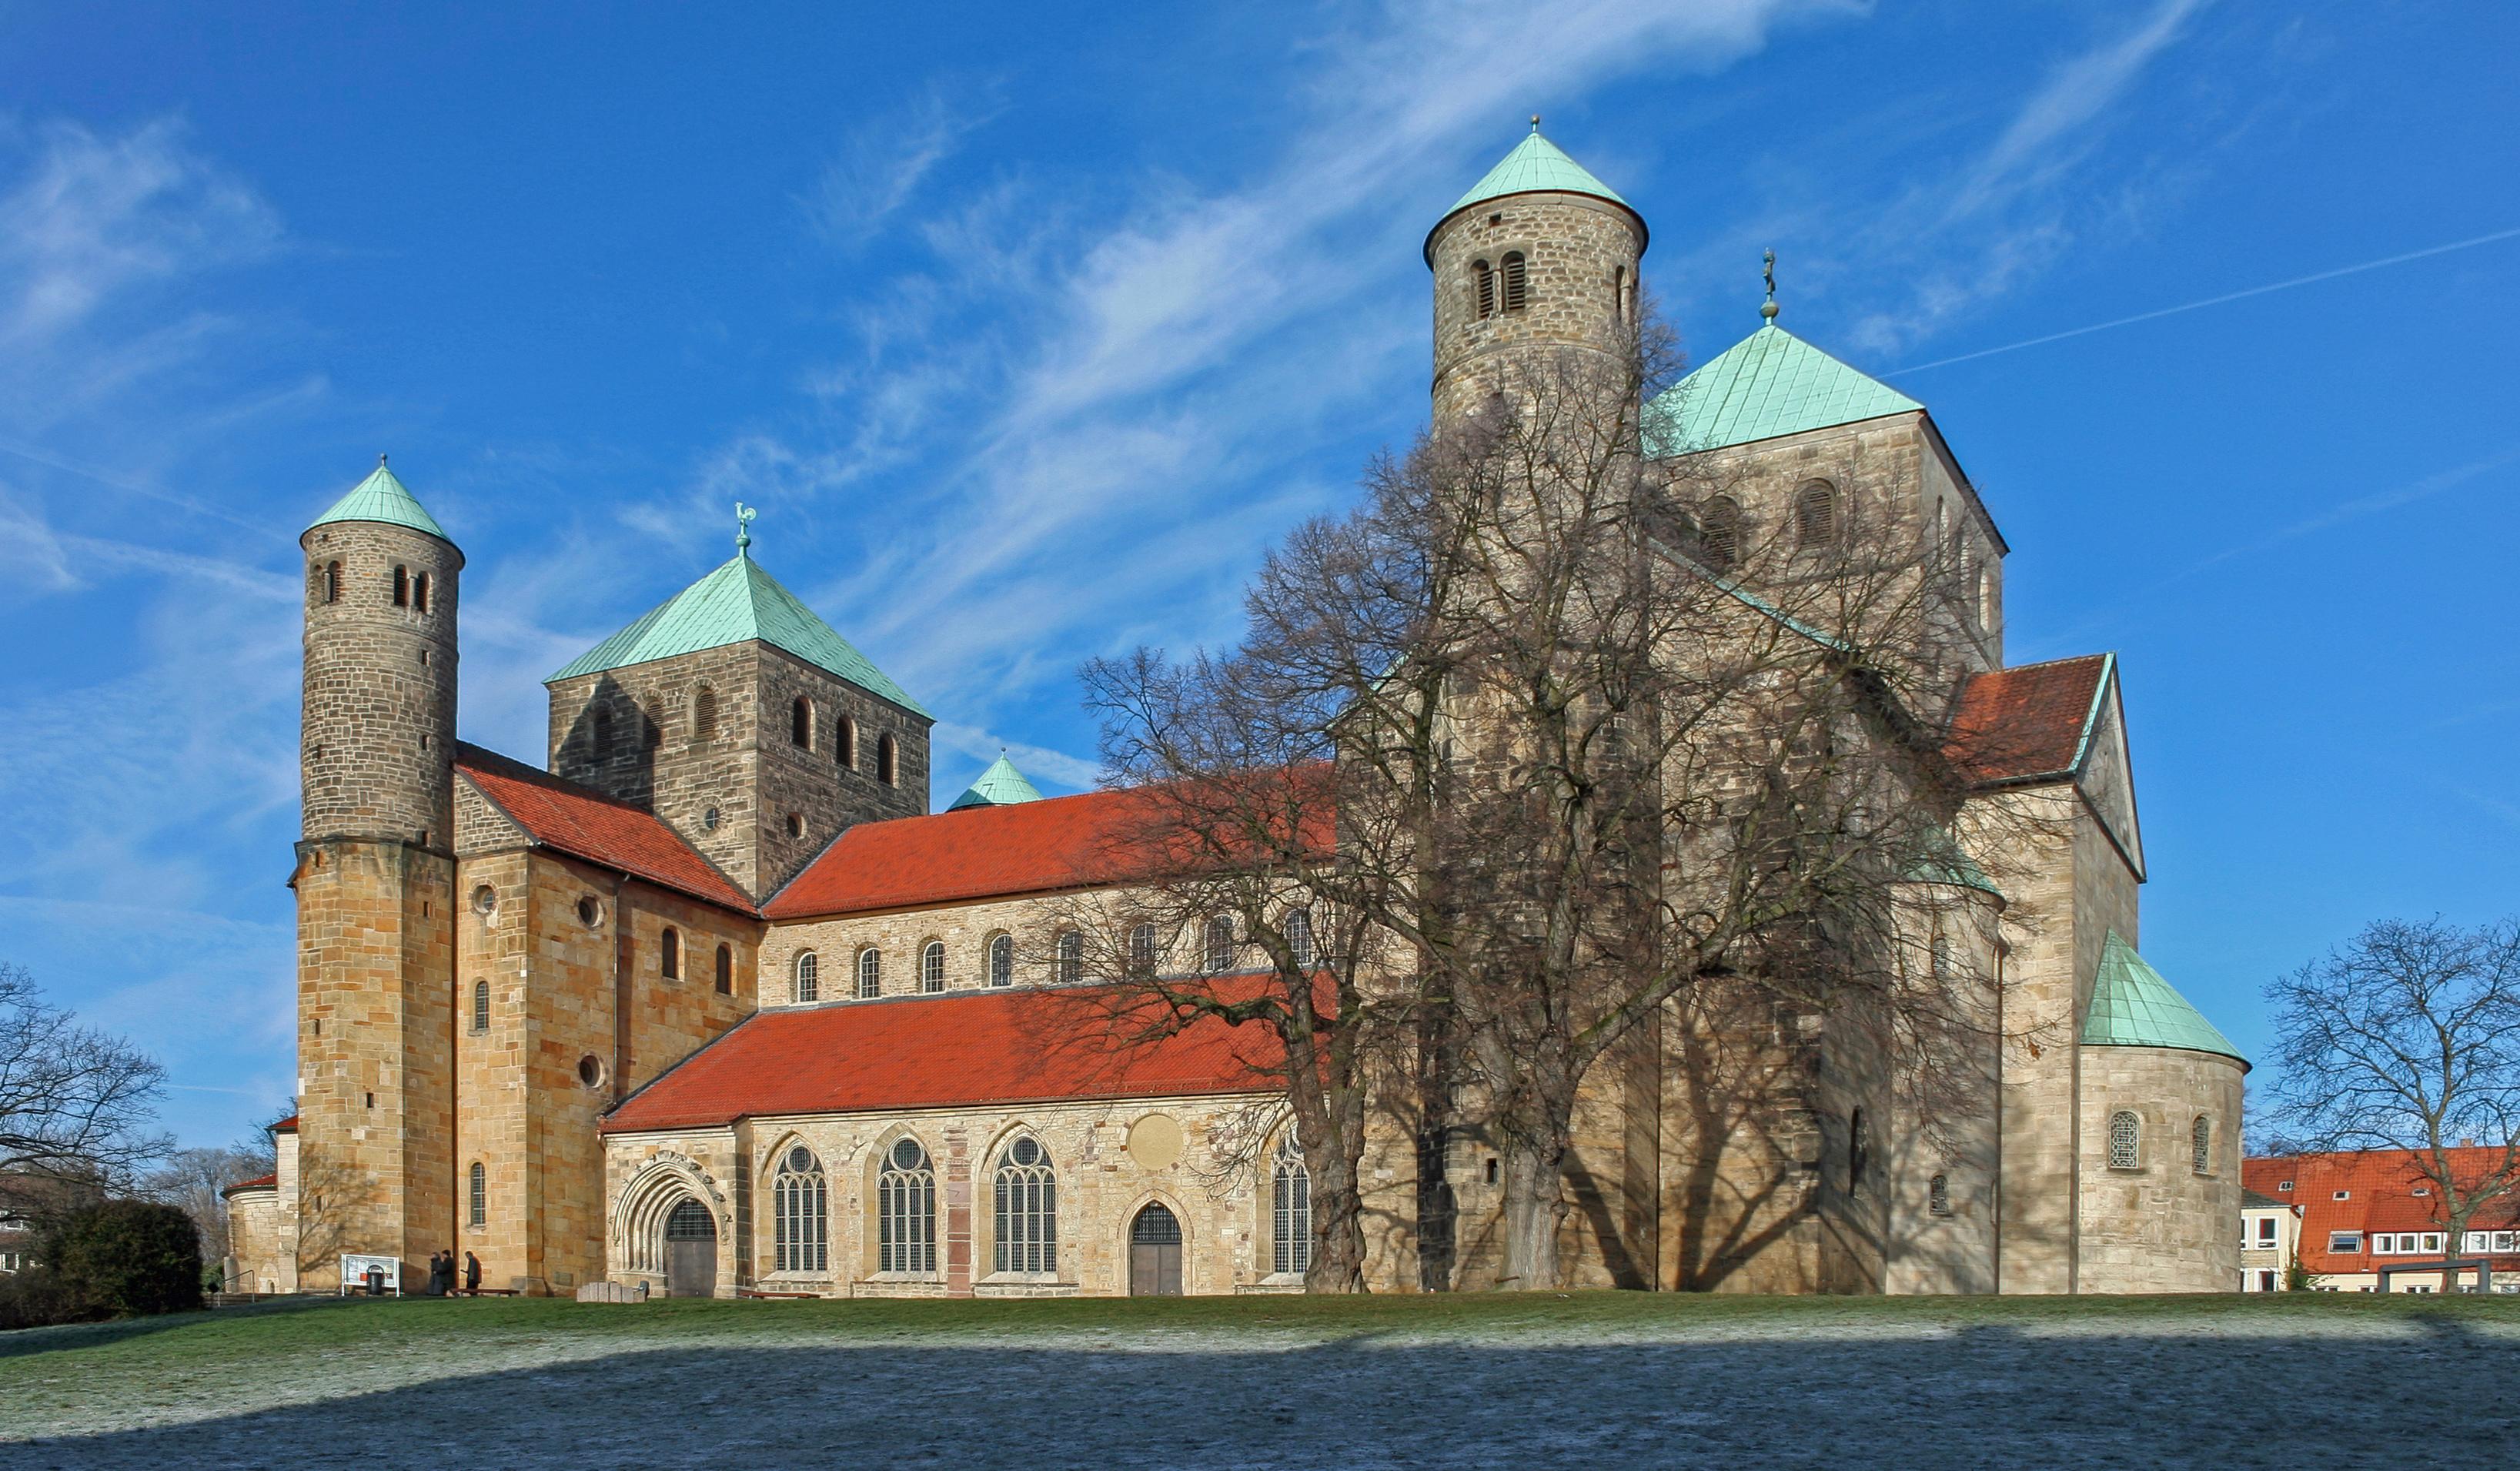 europa im hochmittelalter 1050 1250 eine kultur und mentalitatsgeschichte